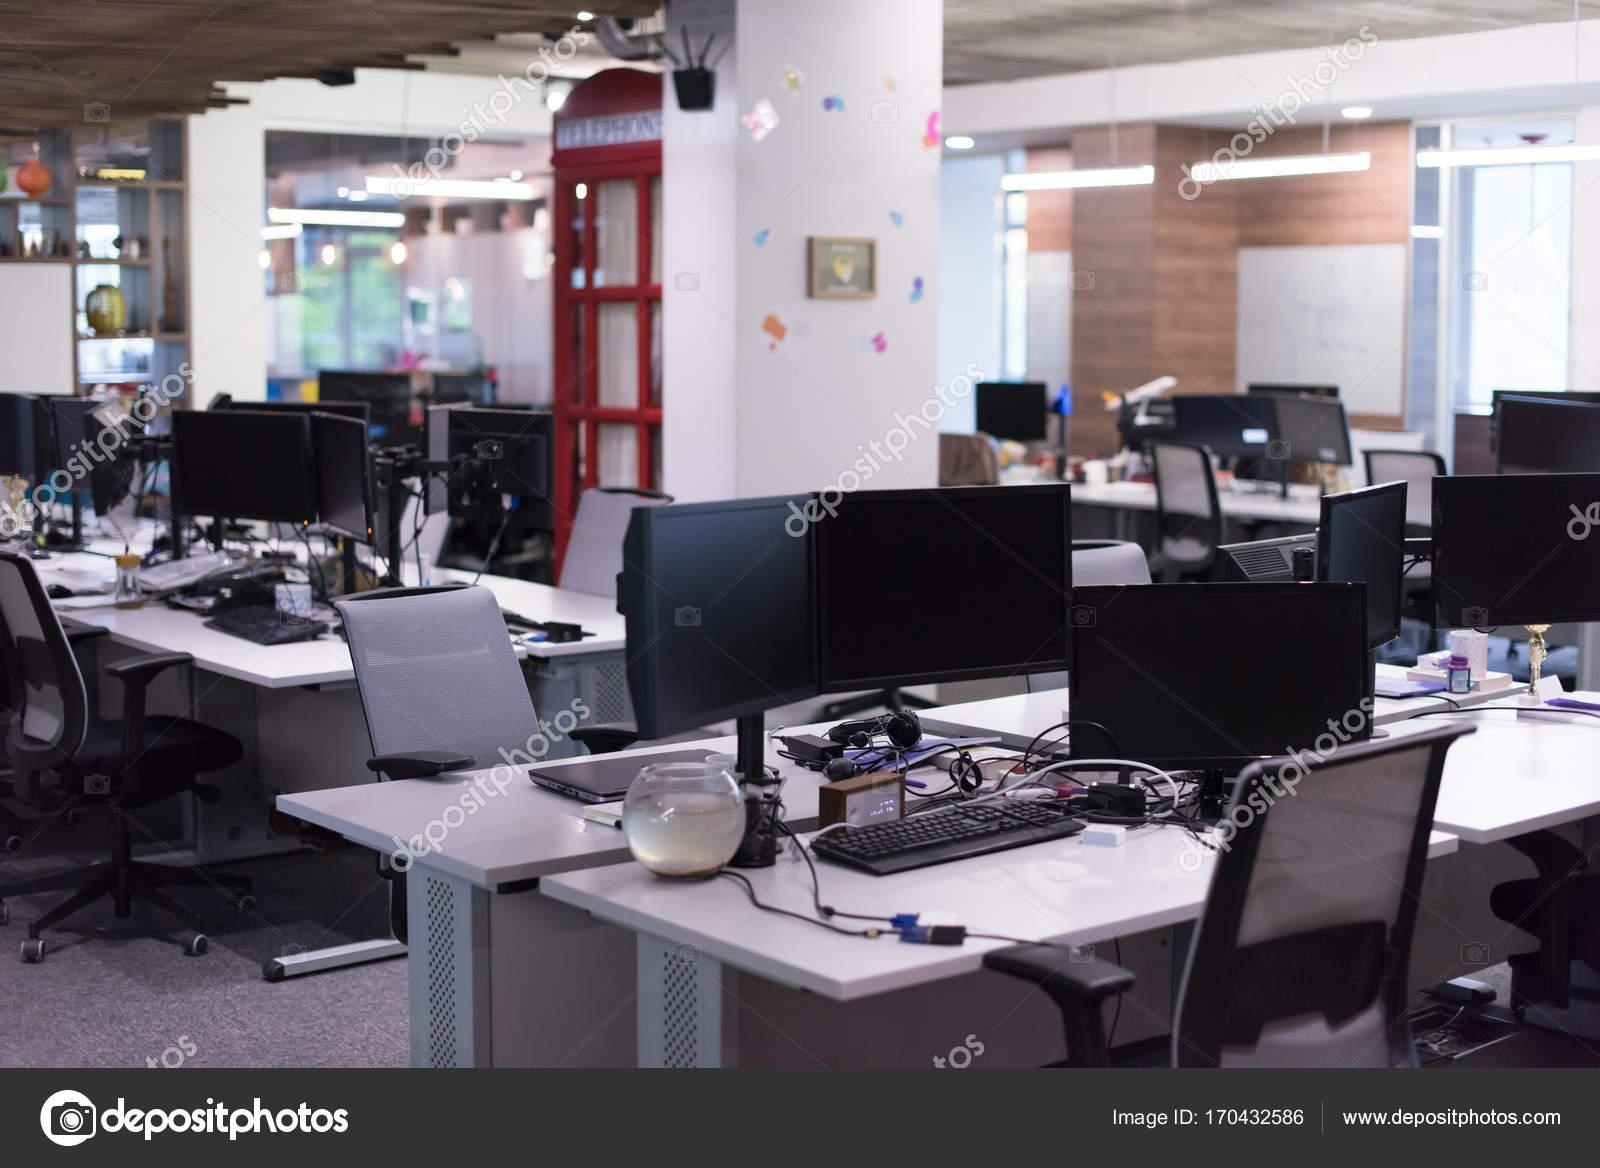 Vide bureaux modernes u2014 photographie .shock © #170432586